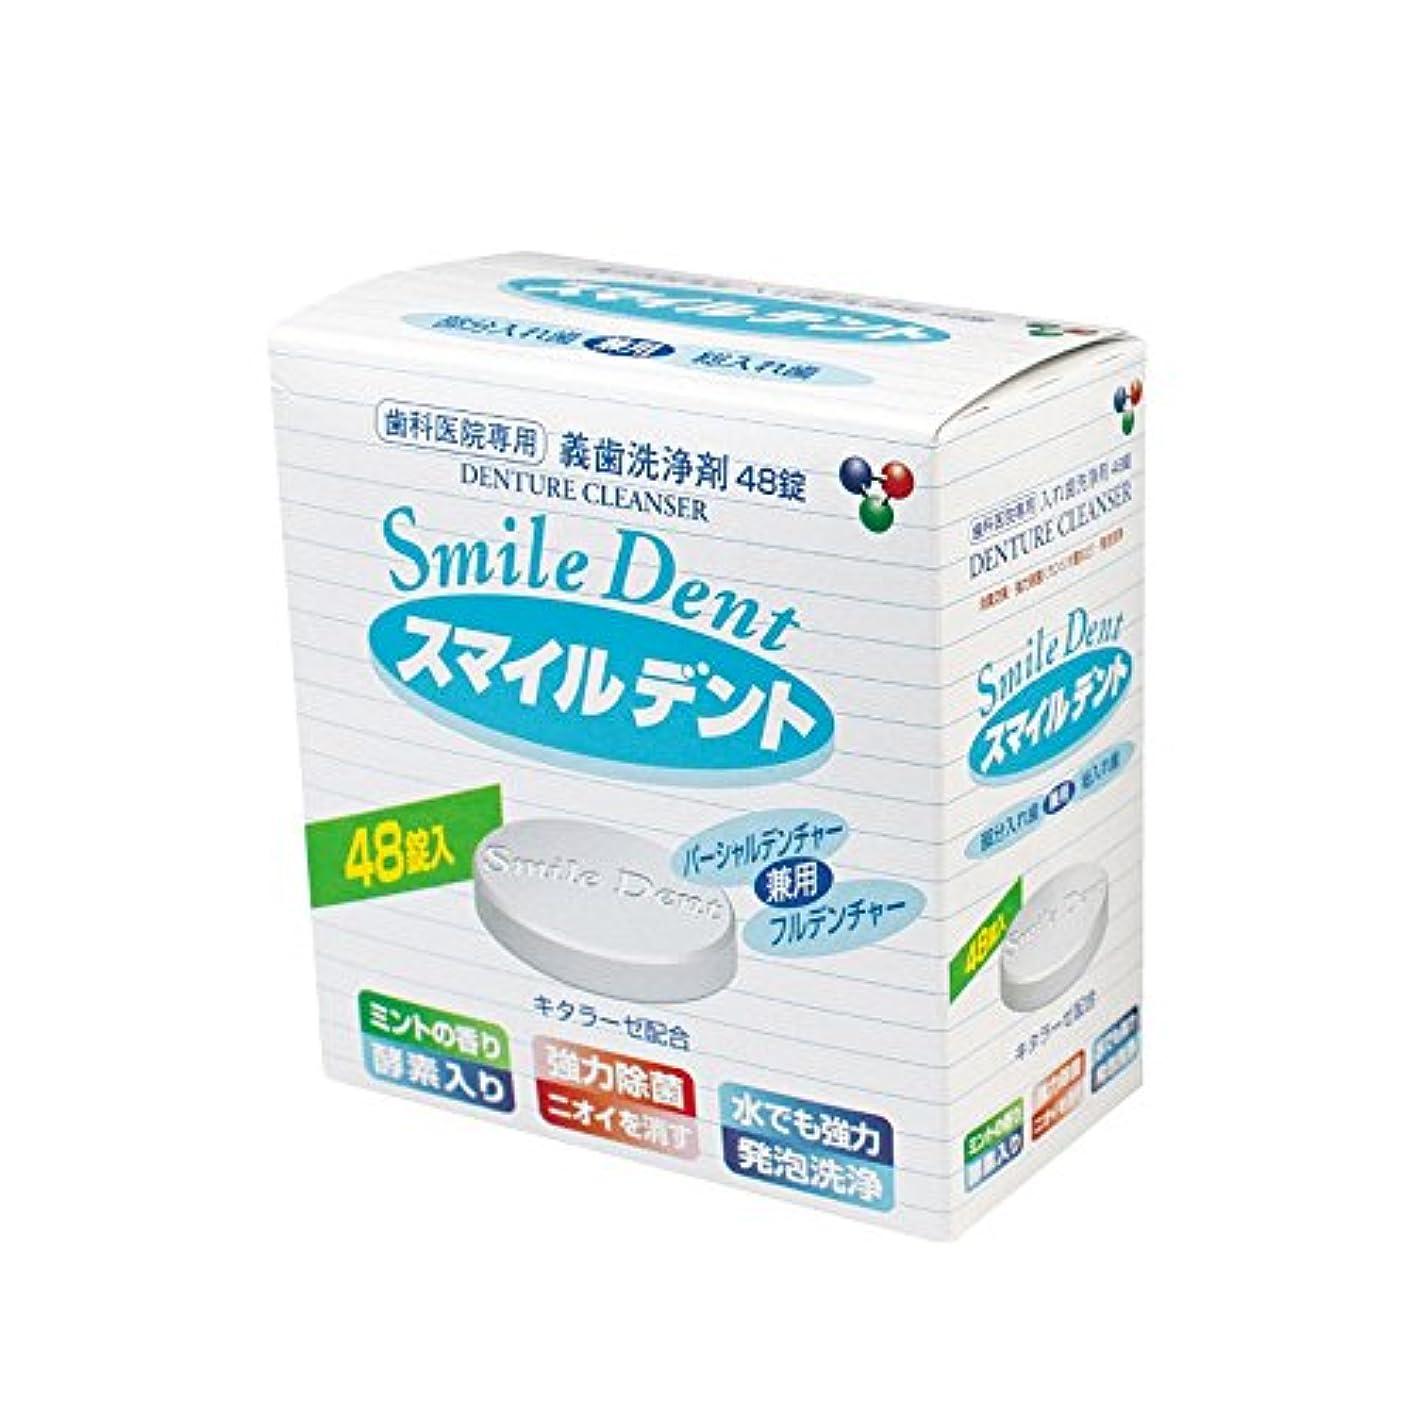 特にソフトウェア舌な義歯洗浄剤 スマイルデント 1箱(48錠)